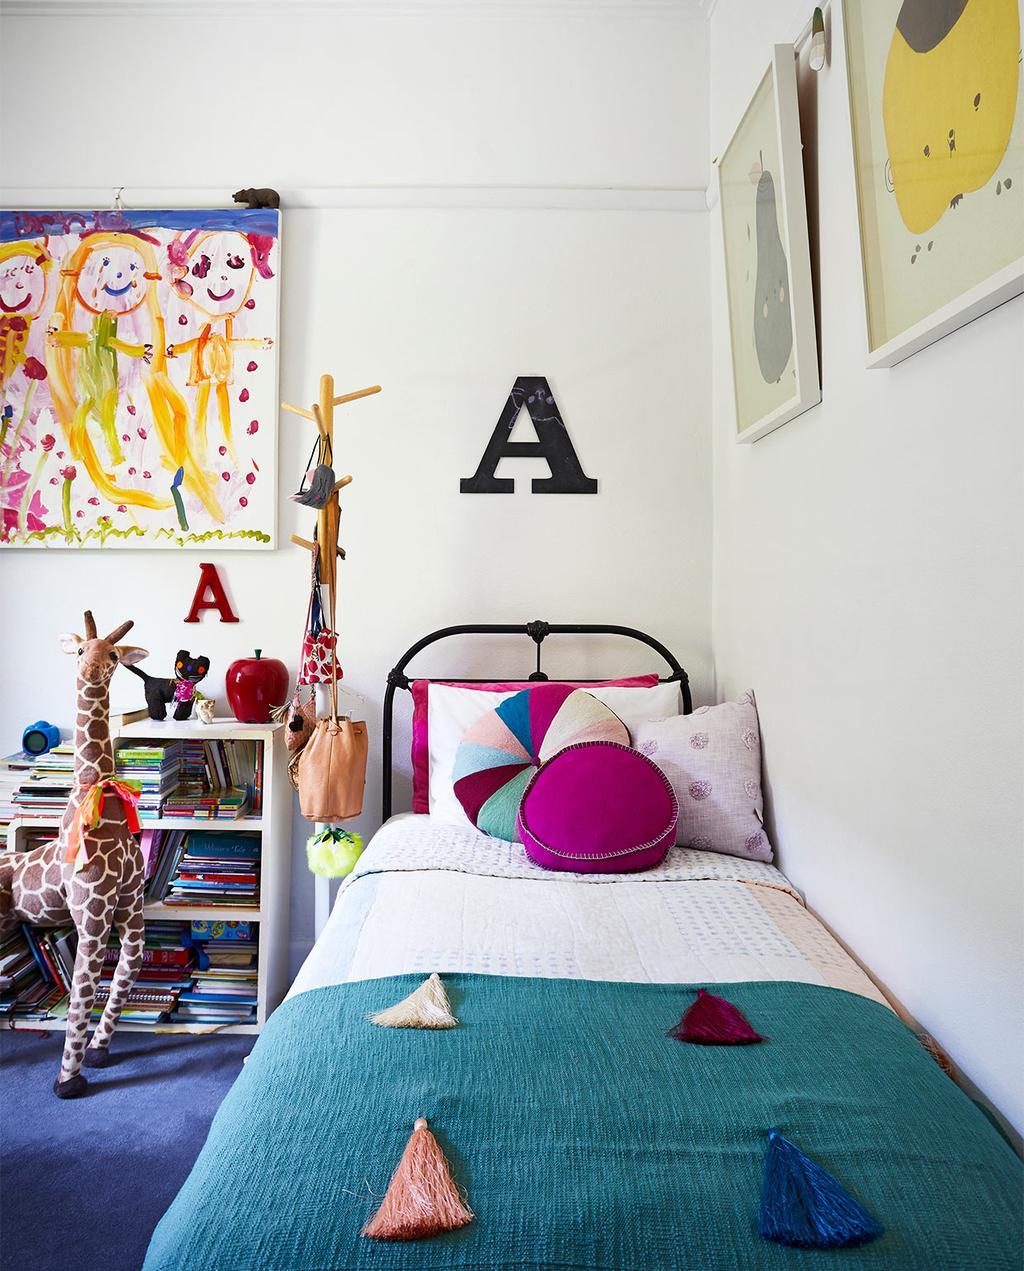 vtwonen binnenkijk special zomerhuizen 07-2021 | kinderkamer met blauw dekbedovertrek op het bed